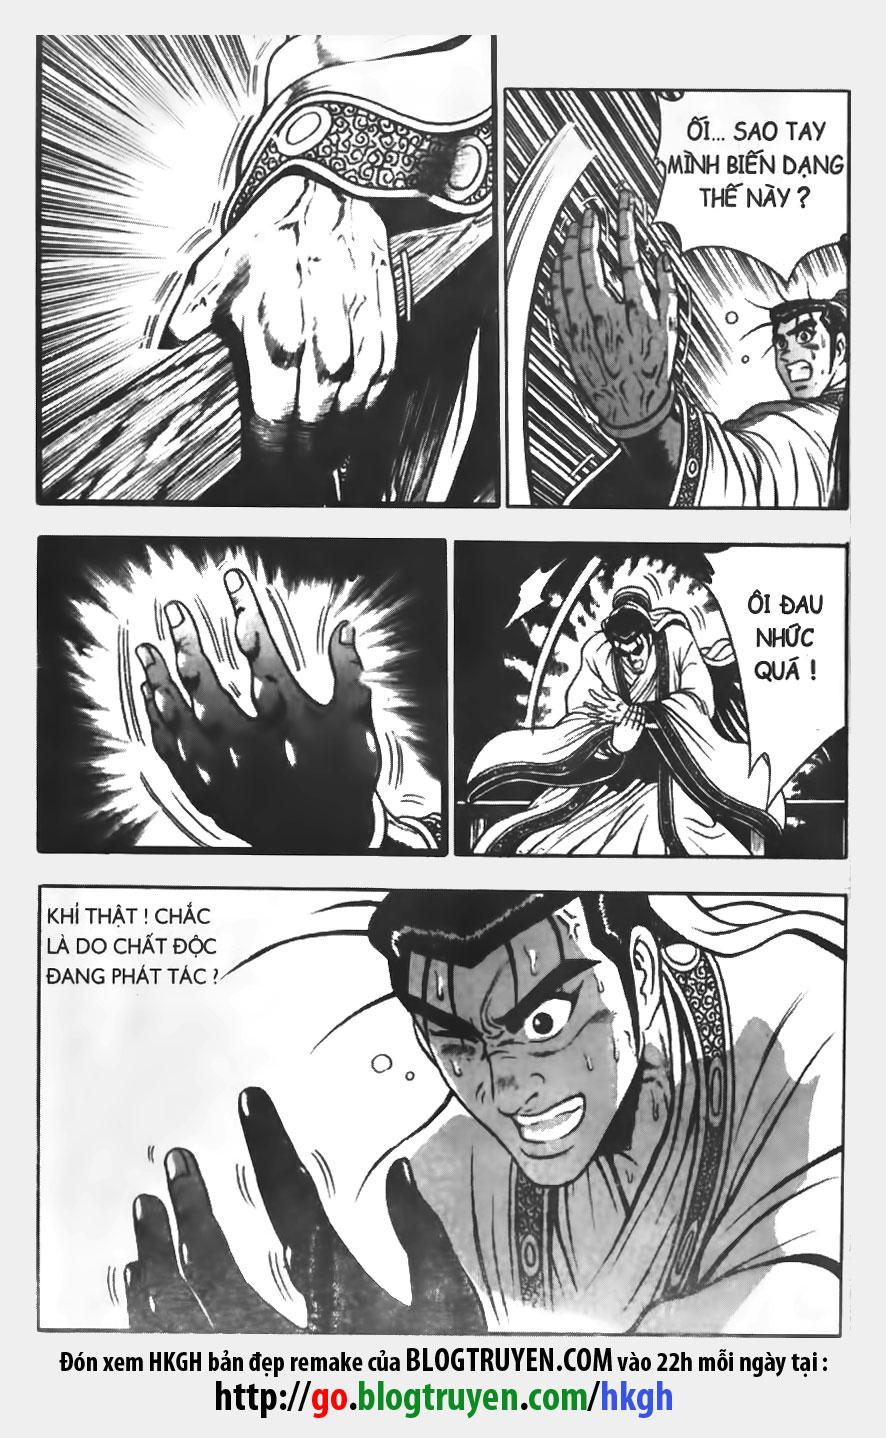 xem truyen moi - Hiệp Khách Giang Hồ Vol11 - Chap 069 - Remake